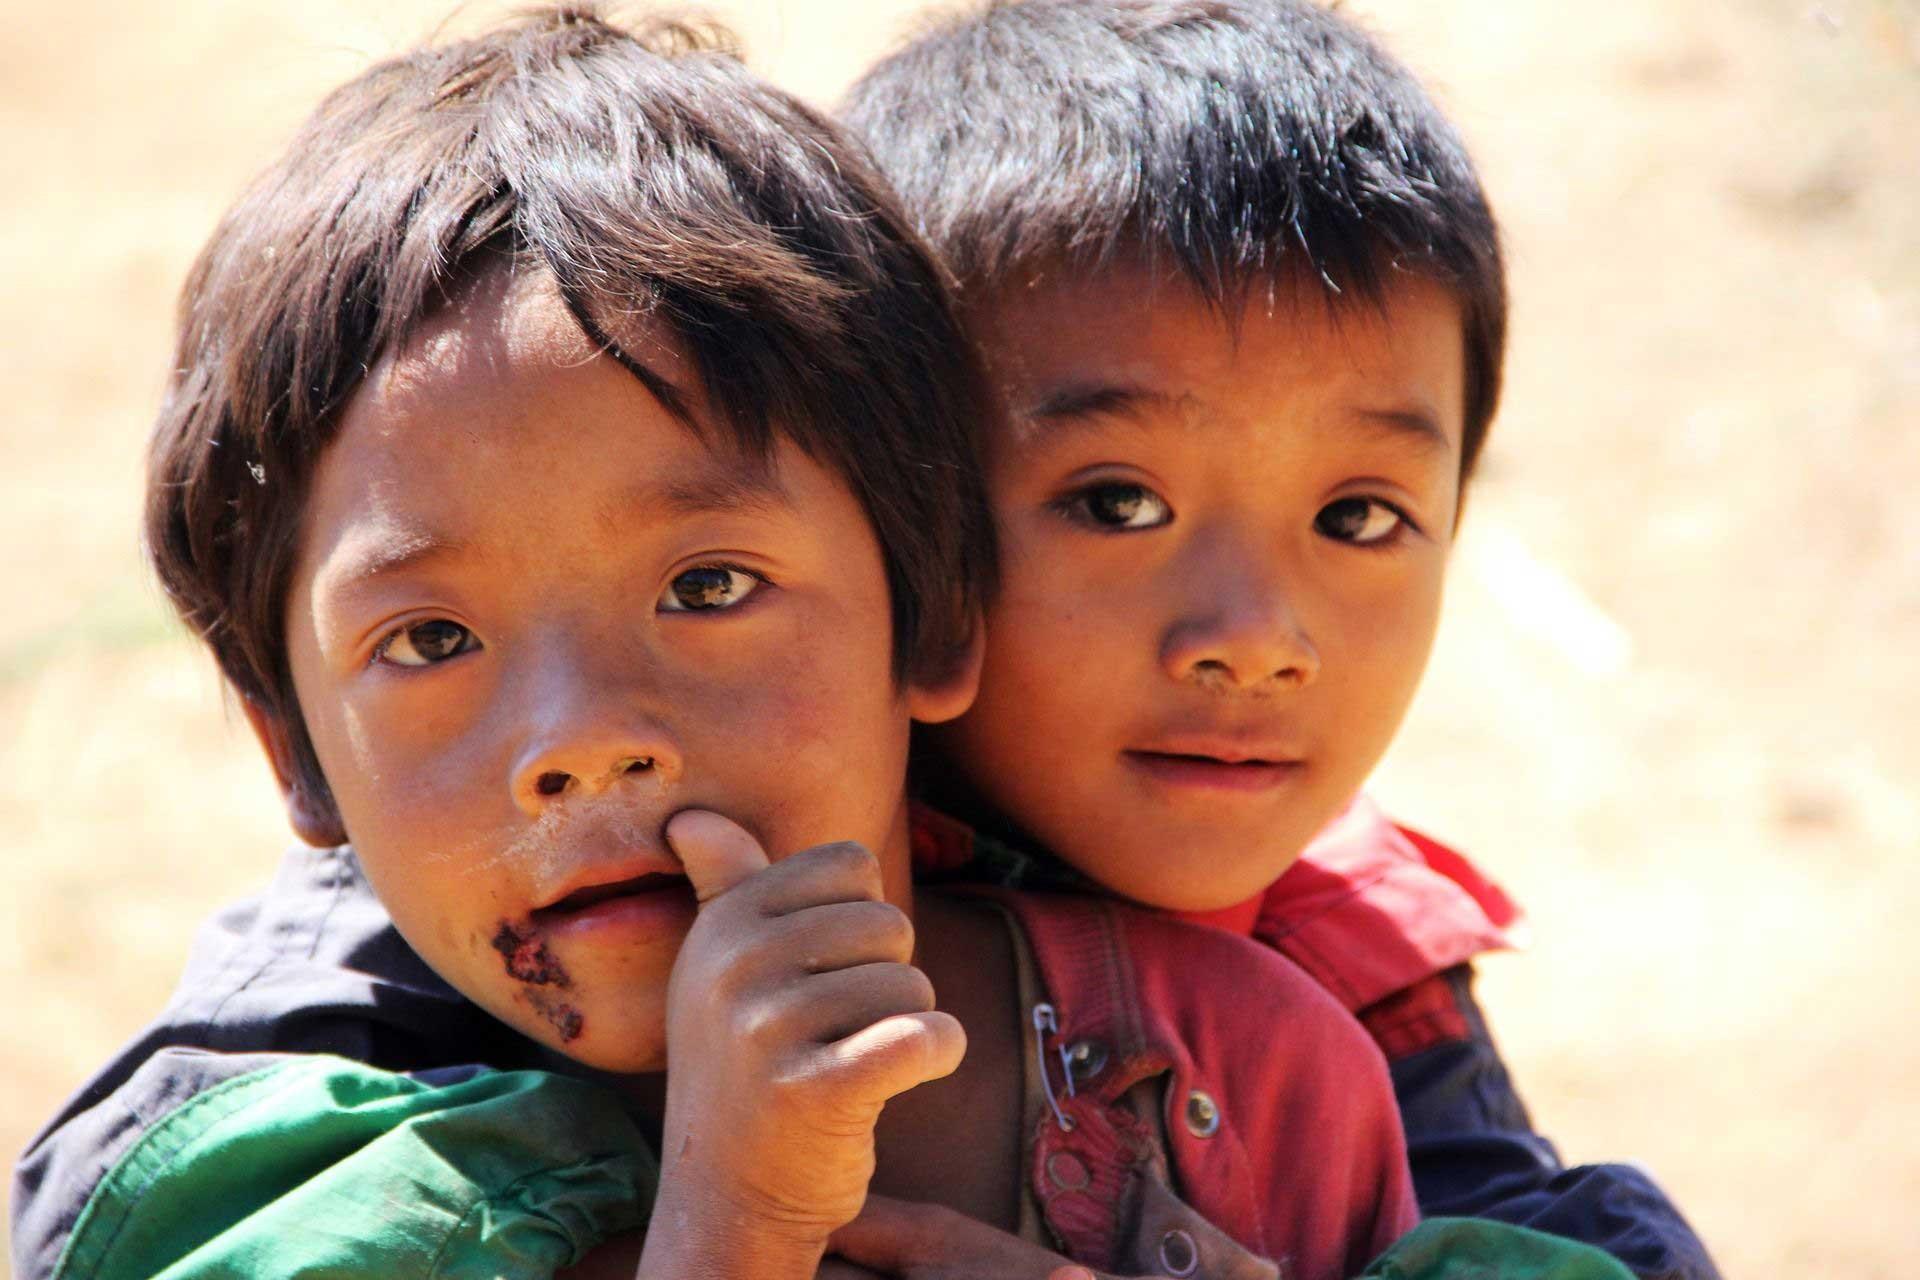 Göçmenleri çocuklarından koparan dünya